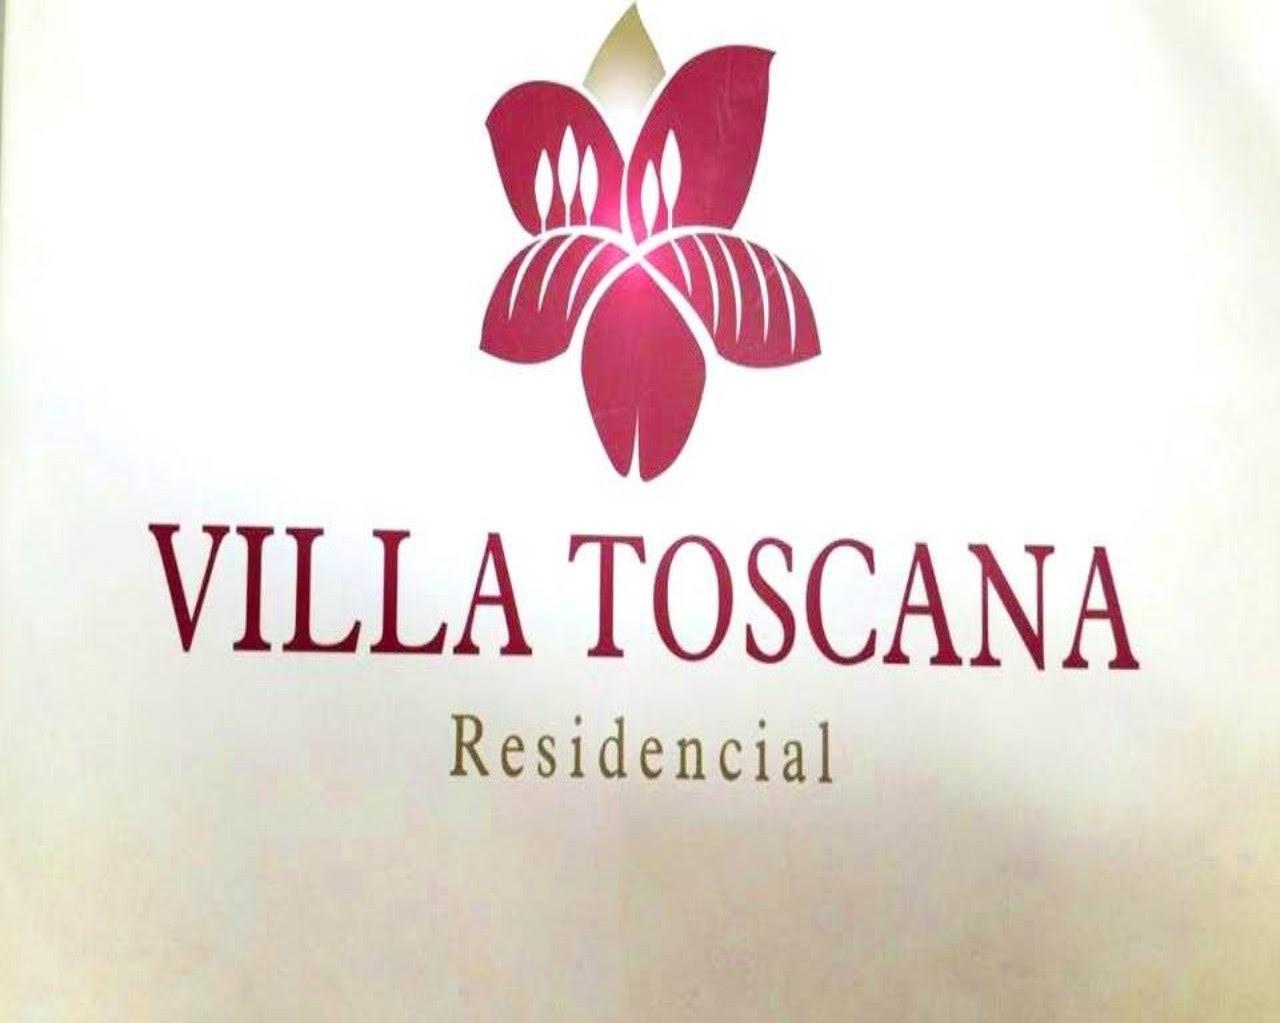 comprar ou alugar terreno no bairro villa toscana na cidade de franca-sp